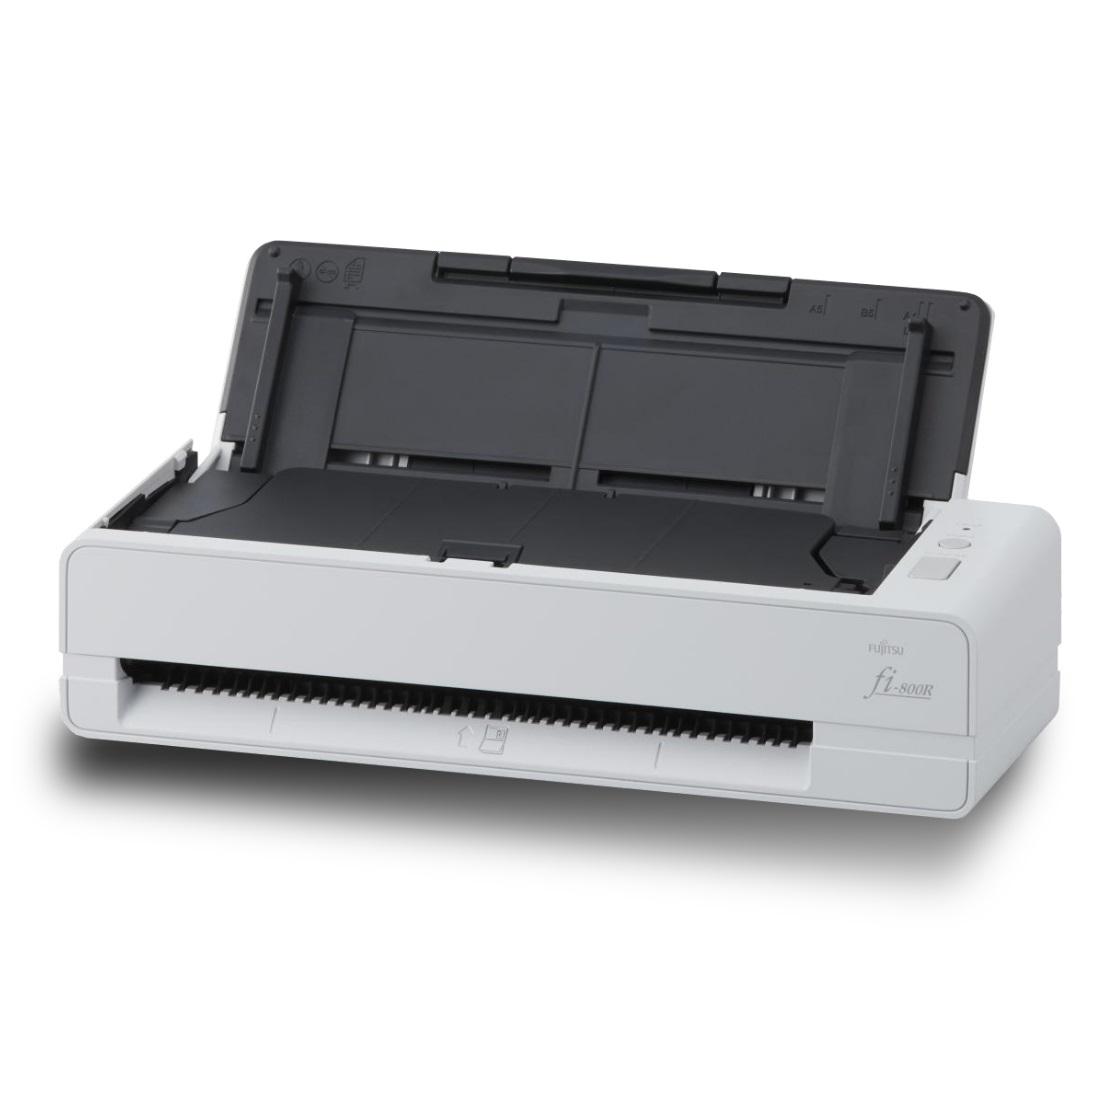 Alstor SDS Fujitsu fi-800R lewy profil otwarty ADF